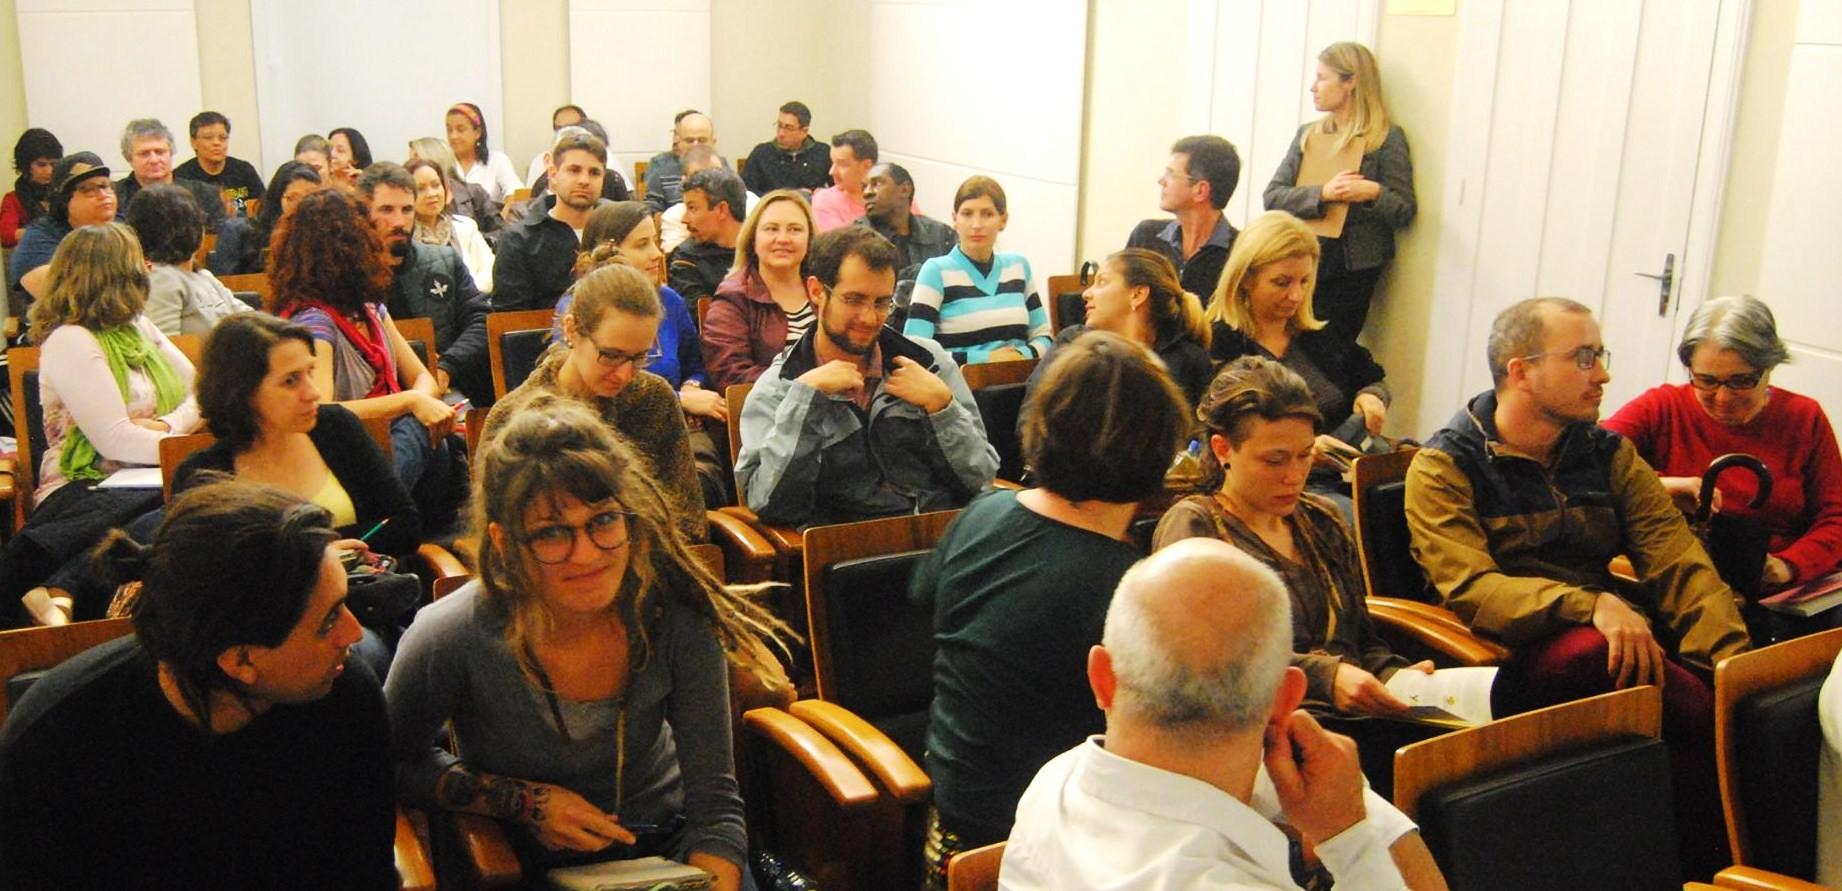 Foto de Davi Codes - Público na sala de exibição em Florianópolis